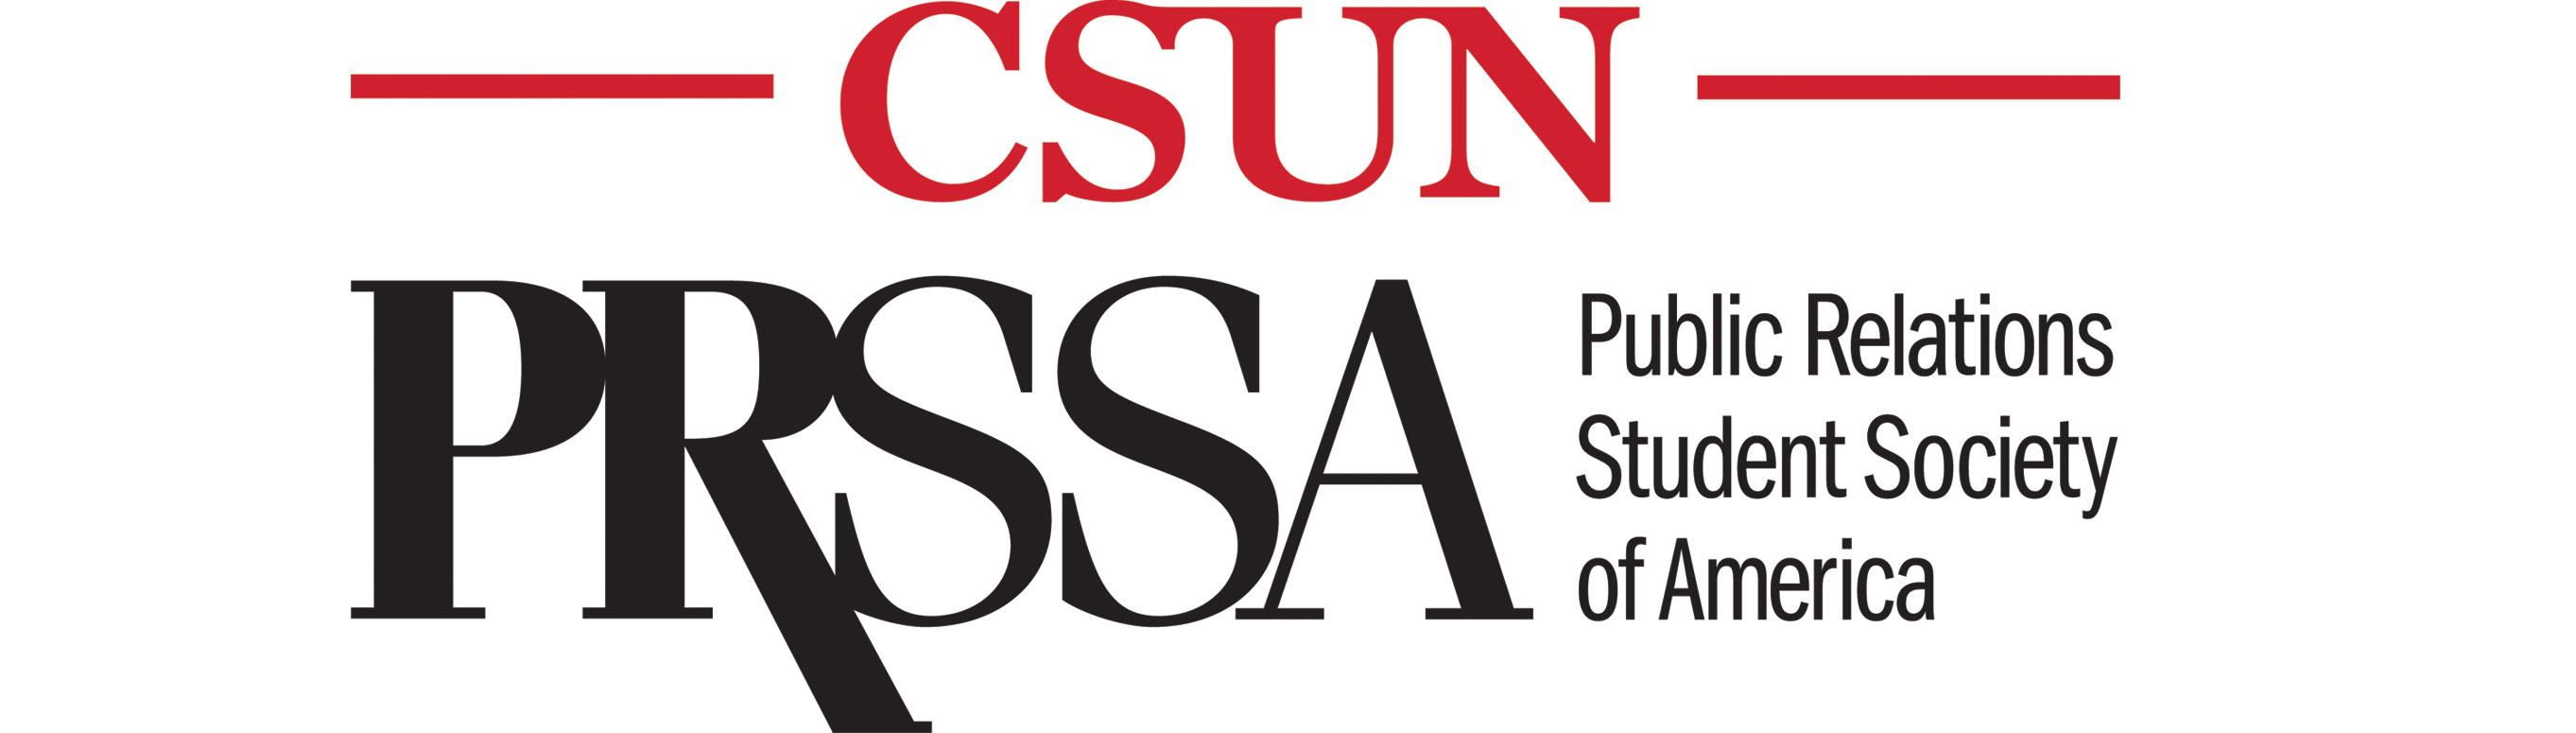 CSUN PRSSA